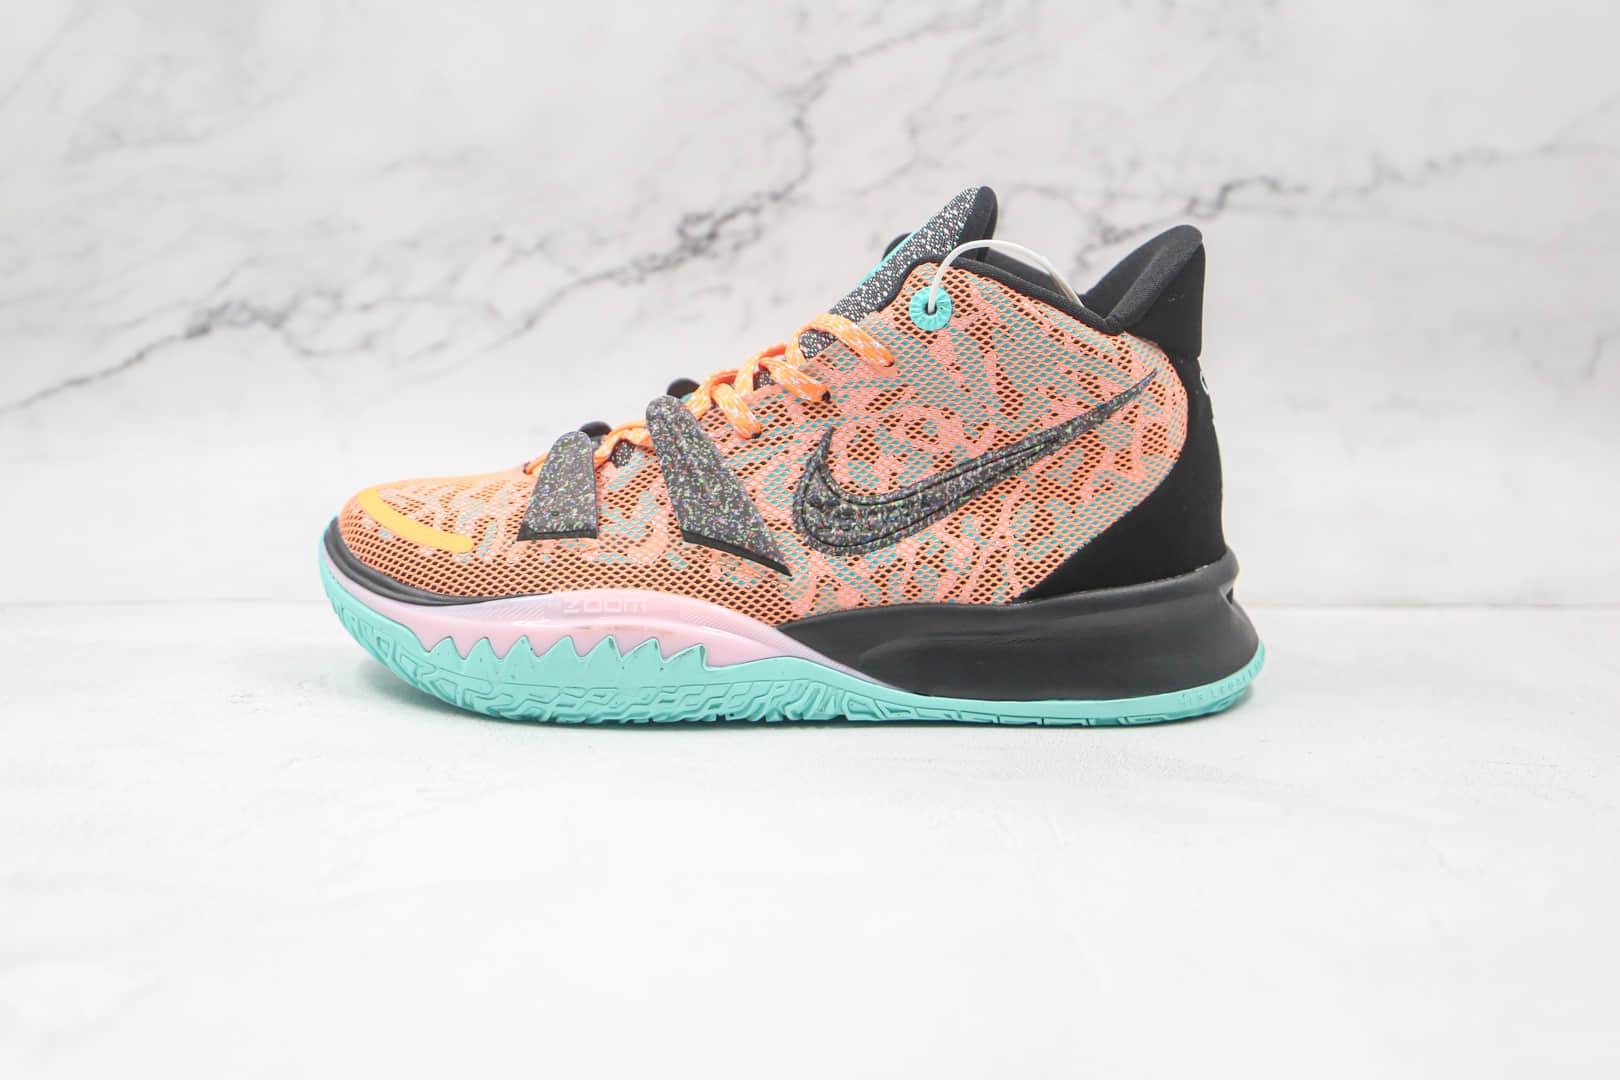 纯原版本耐克欧文7代全明星配色实战篮球鞋出货